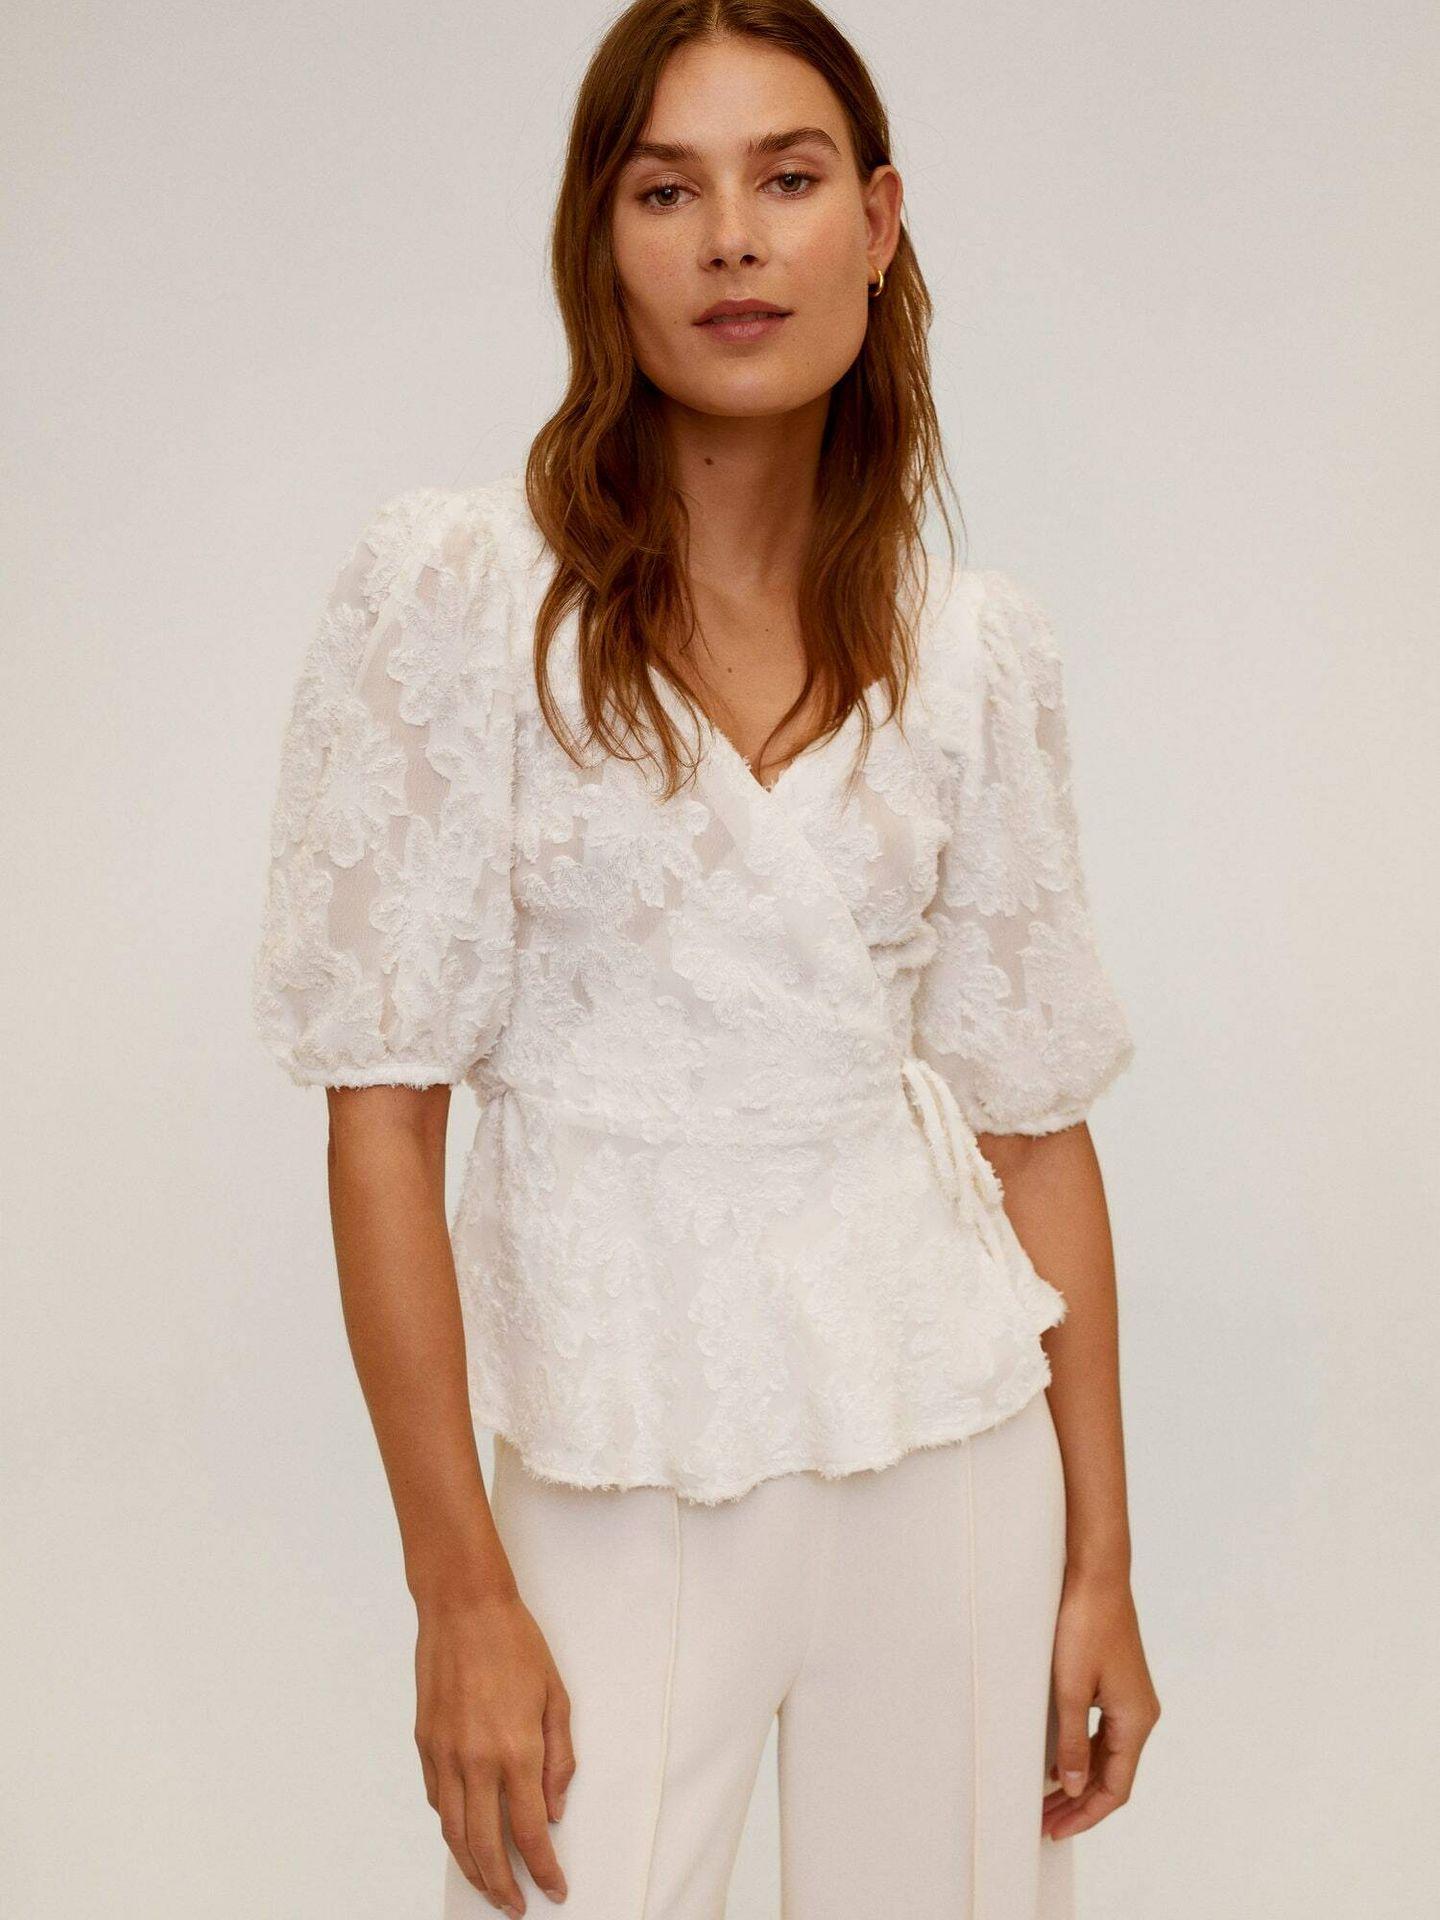 Blusa blanca con relieves de Mango Outlet. (Cortesía)